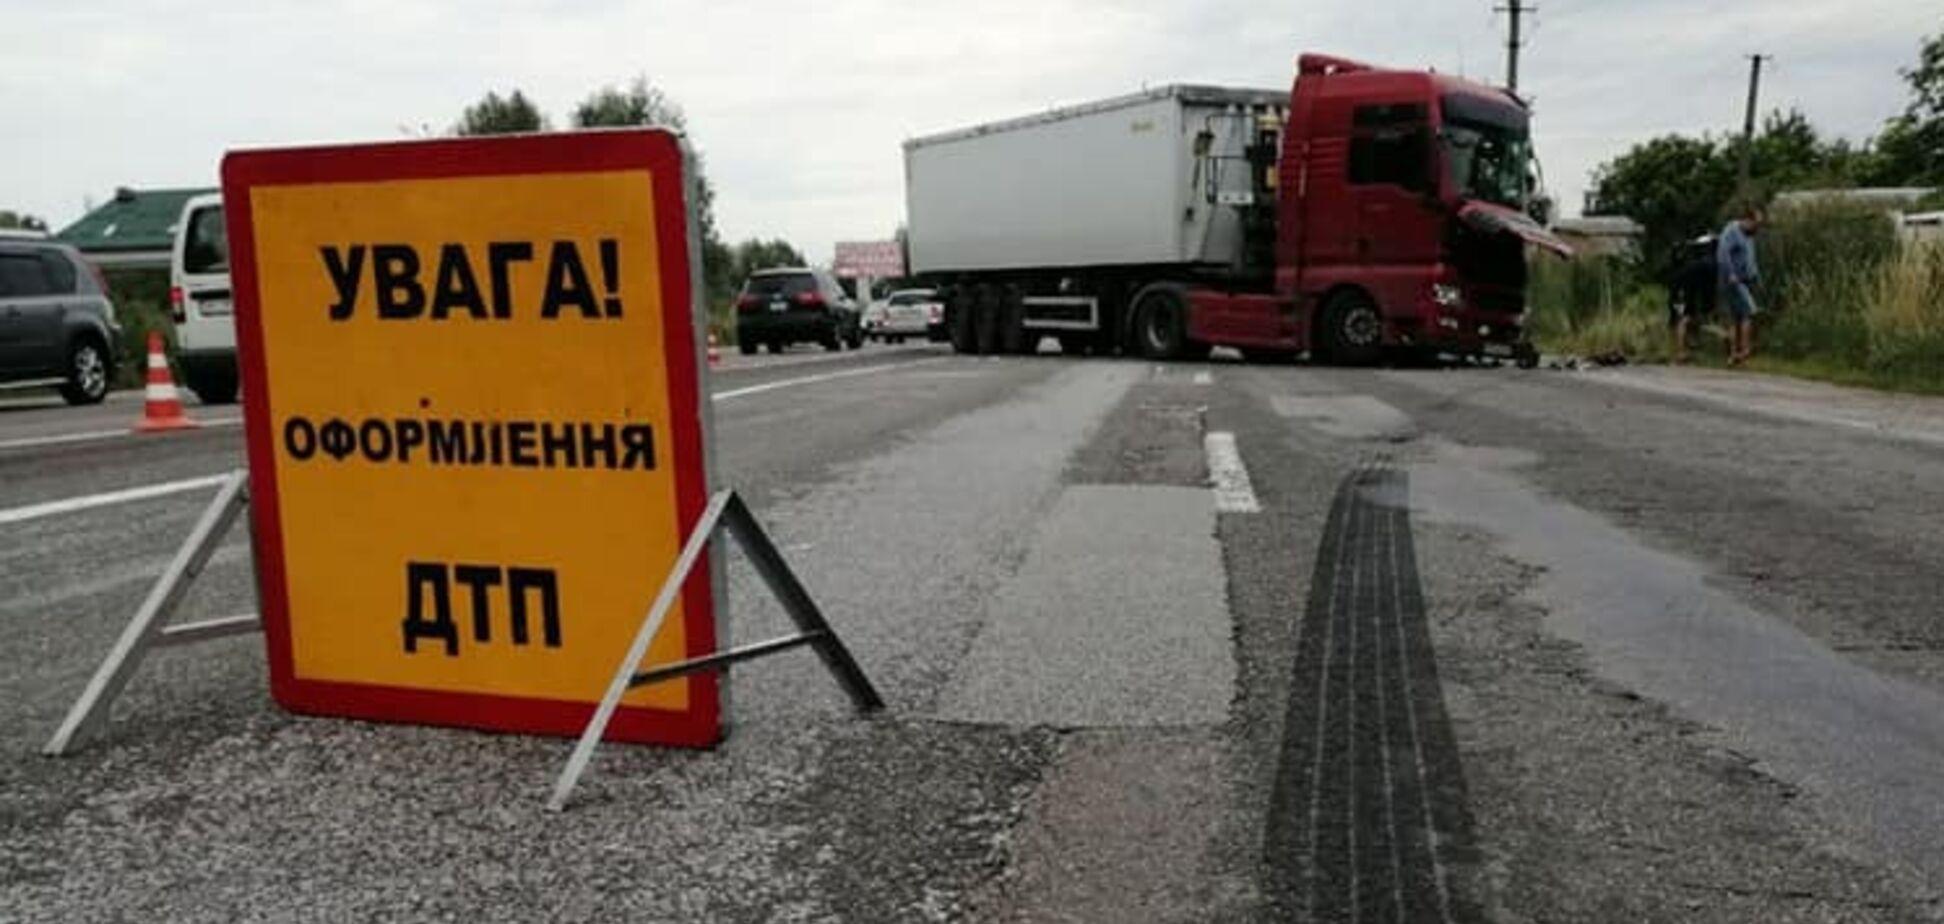 Під Києвом розбився автобус, який повертався з моря: багато постраждалих, є жертва